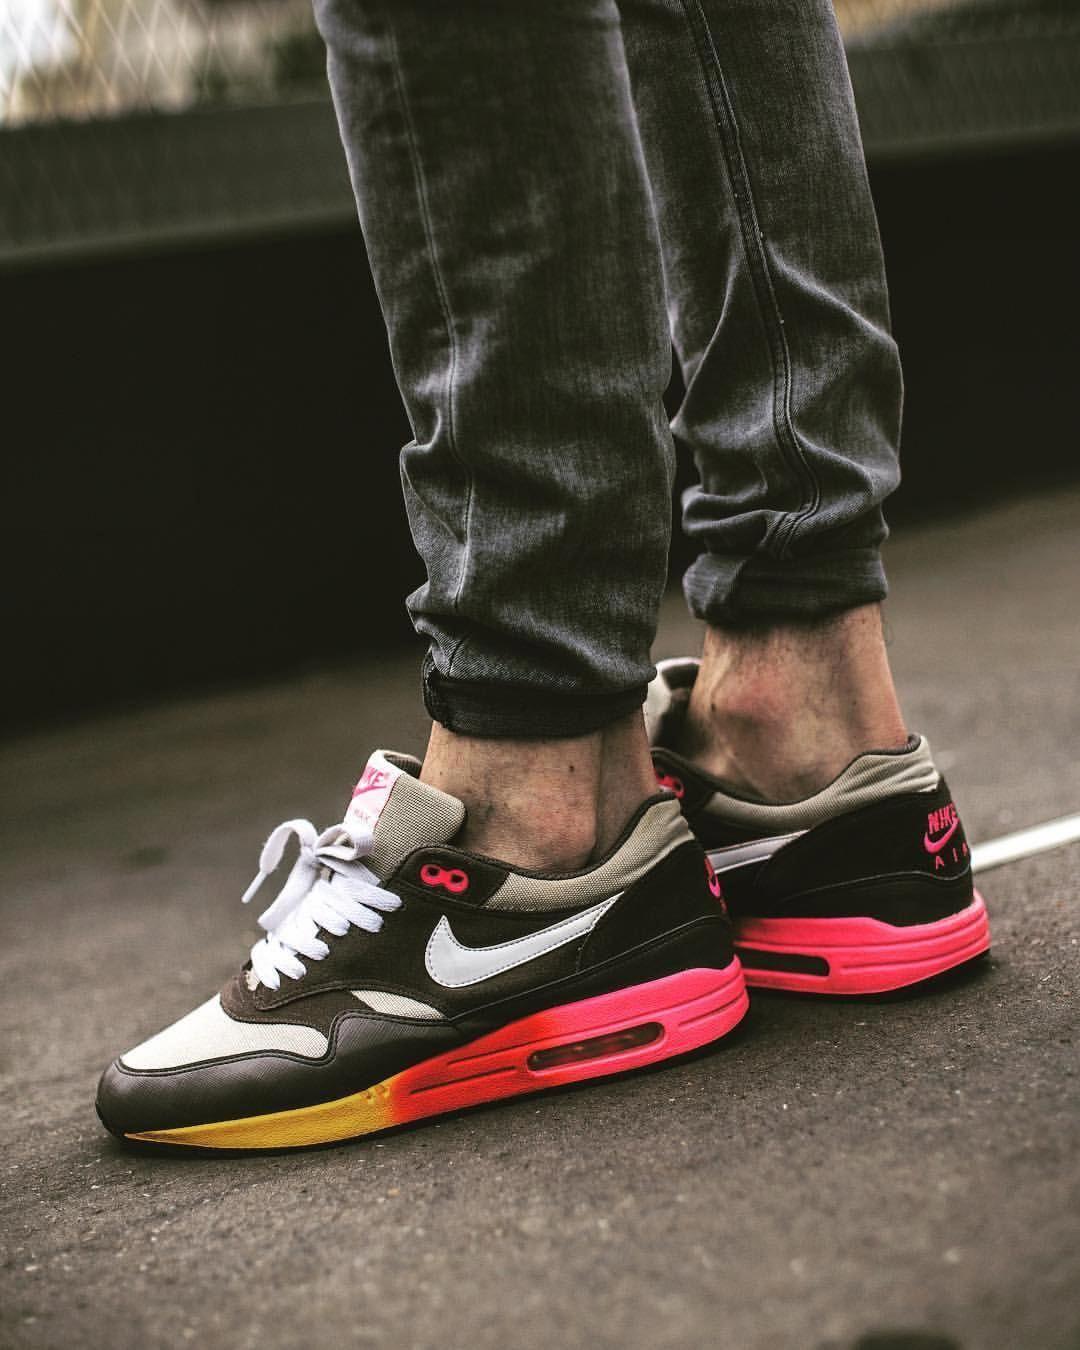 sale retailer 8b94e e74c4 Nike Air Max 1